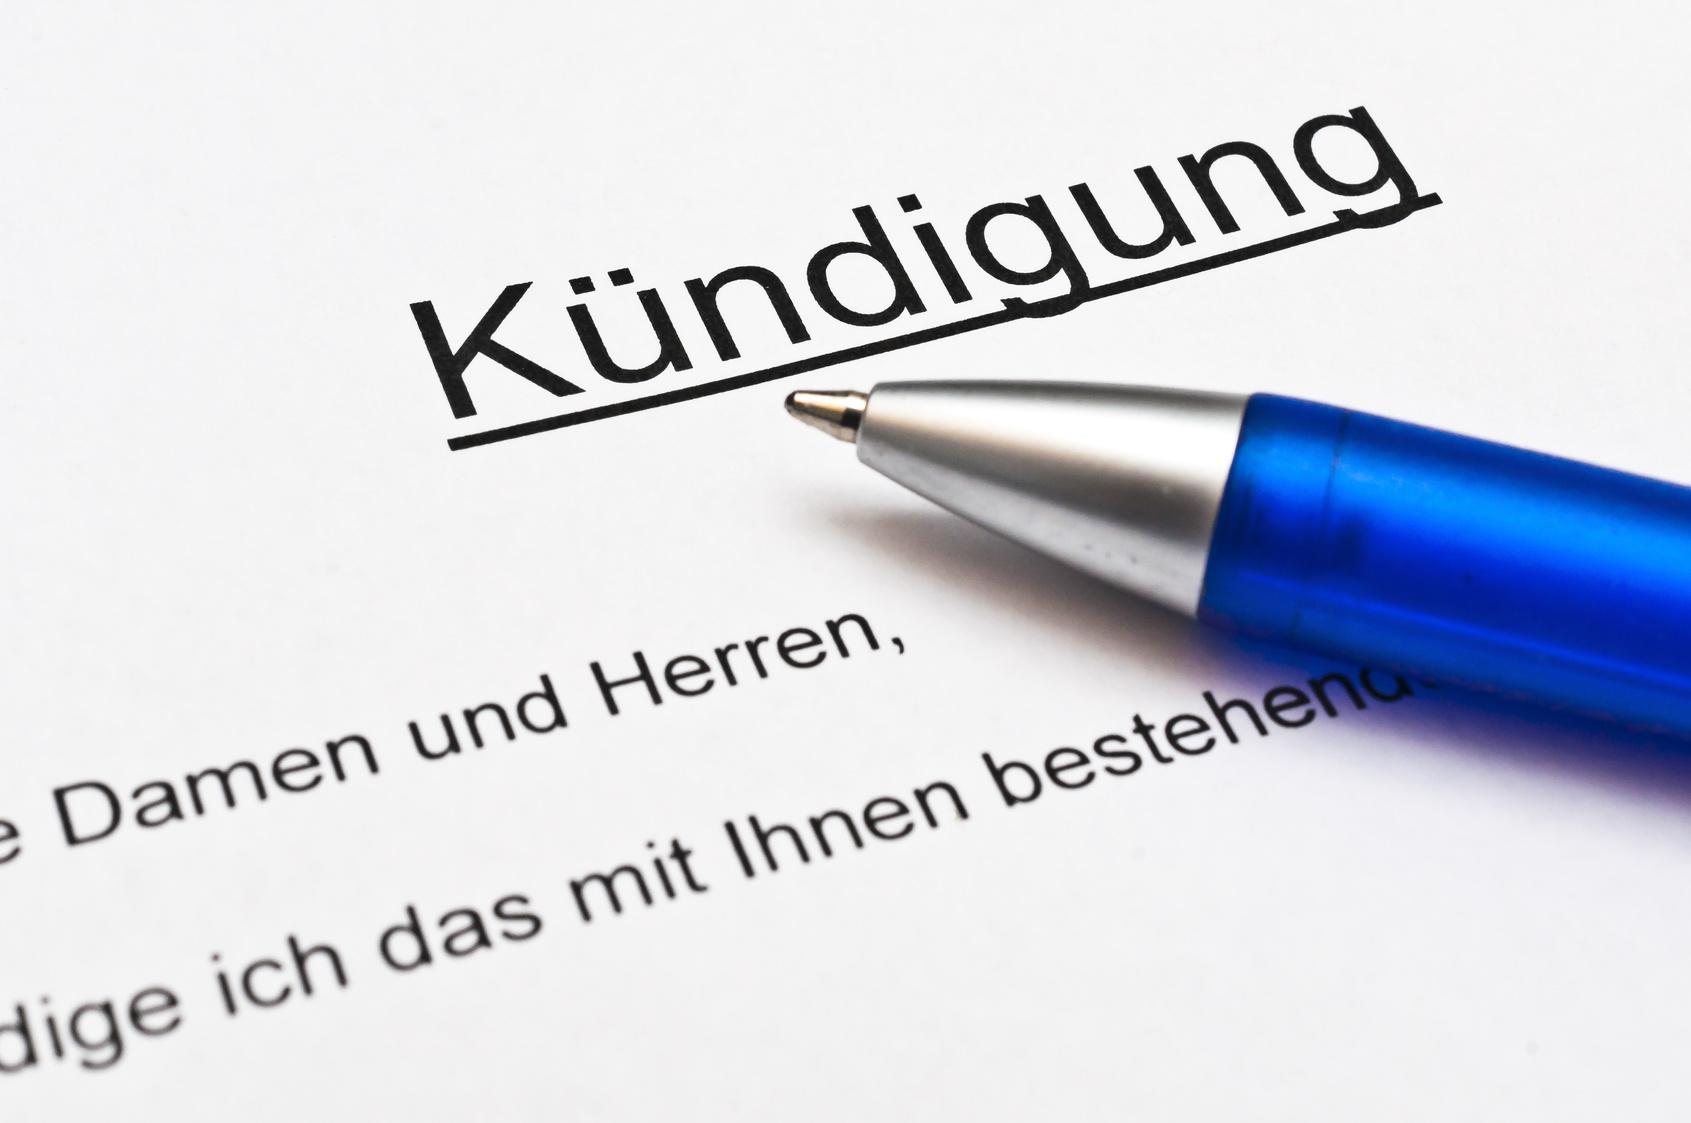 ist c date kostenlos Bensheim